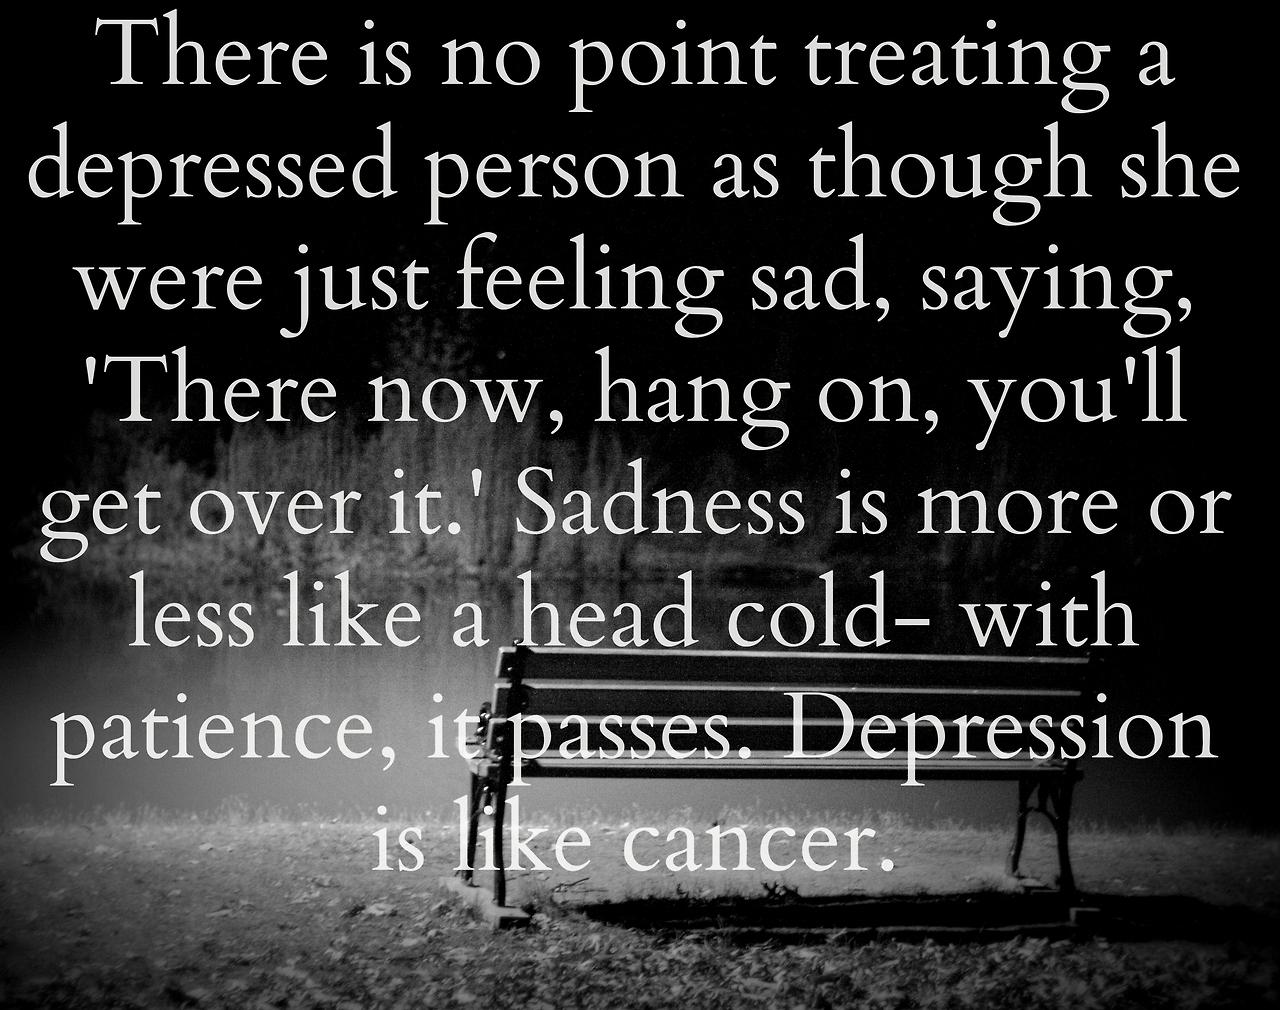 Sad Depressing Quotes About Life. QuotesGram